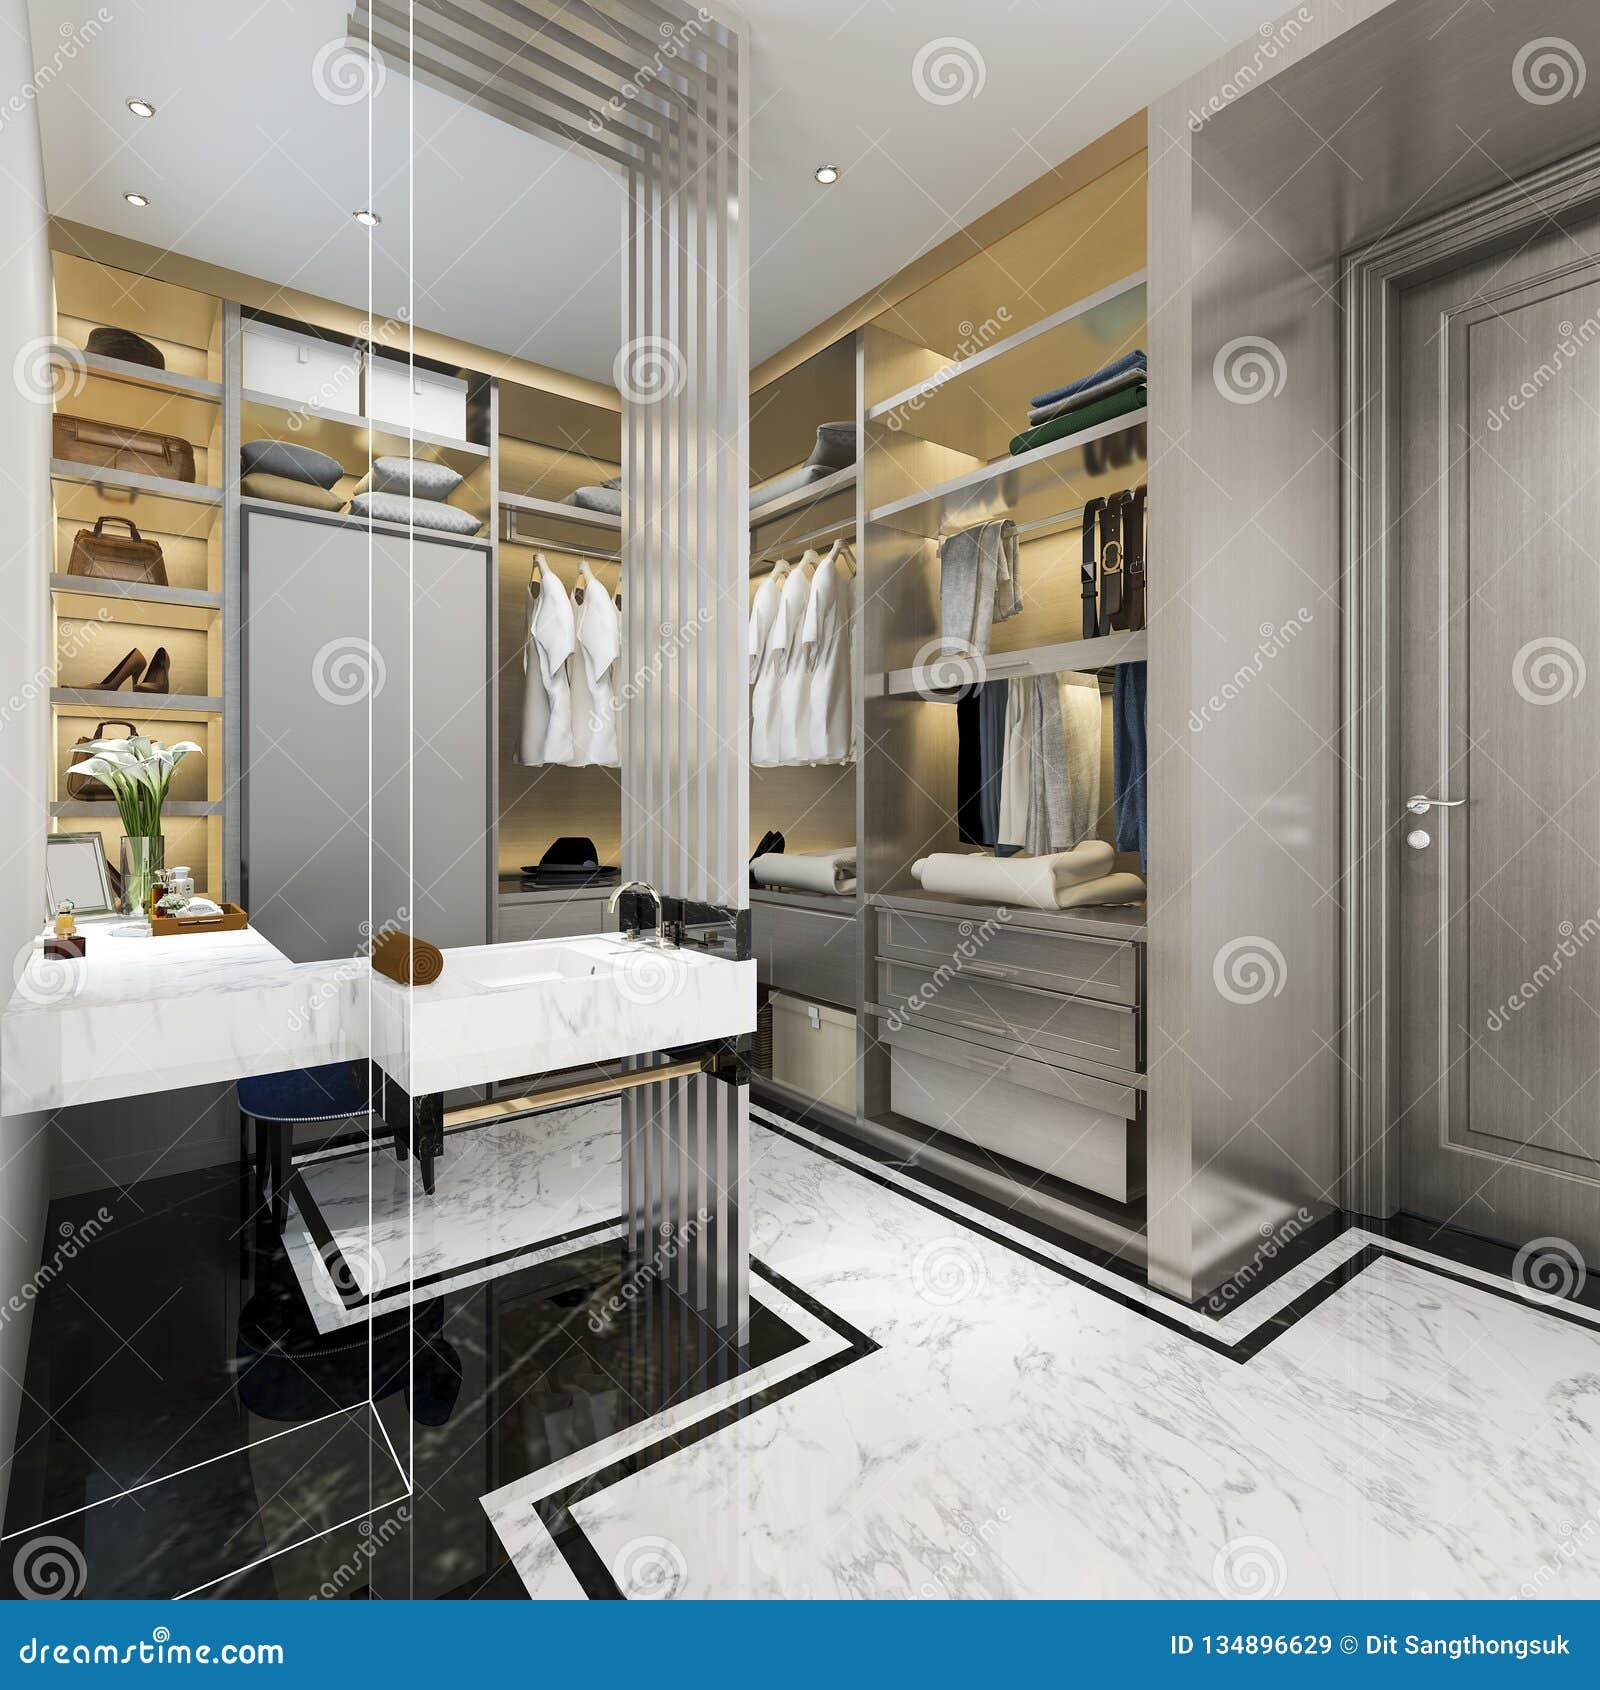 Window Wardrobe: 3d Rendering Modern Scandinavian White Wood Walk In Closet